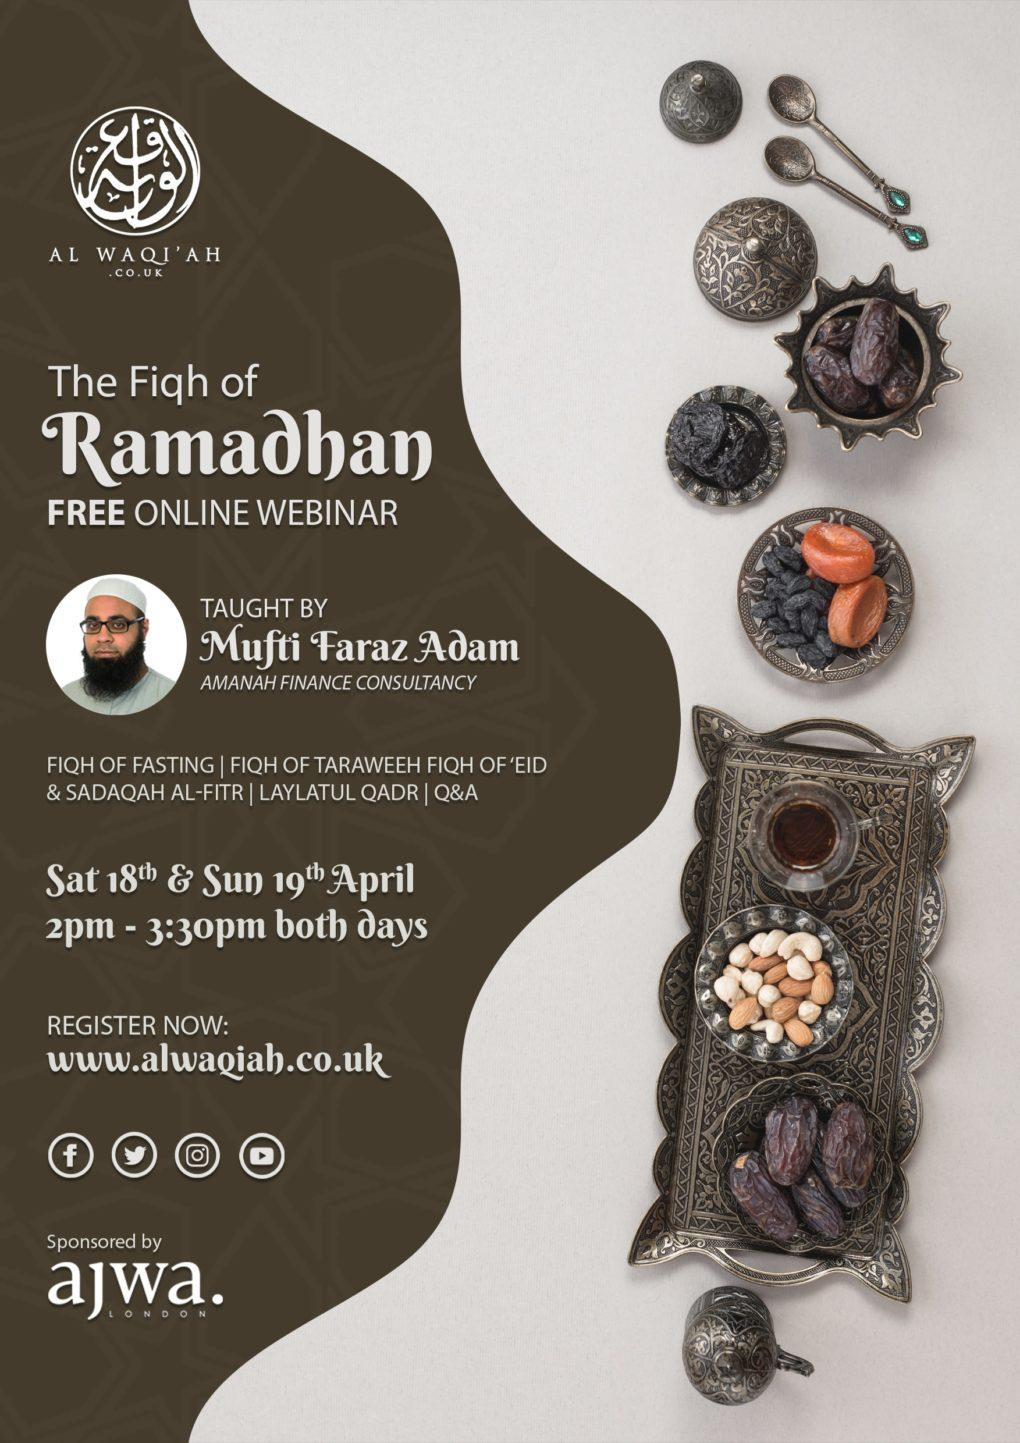 THE FIQH OF RAMADHAN | Mufti Faraz Adam